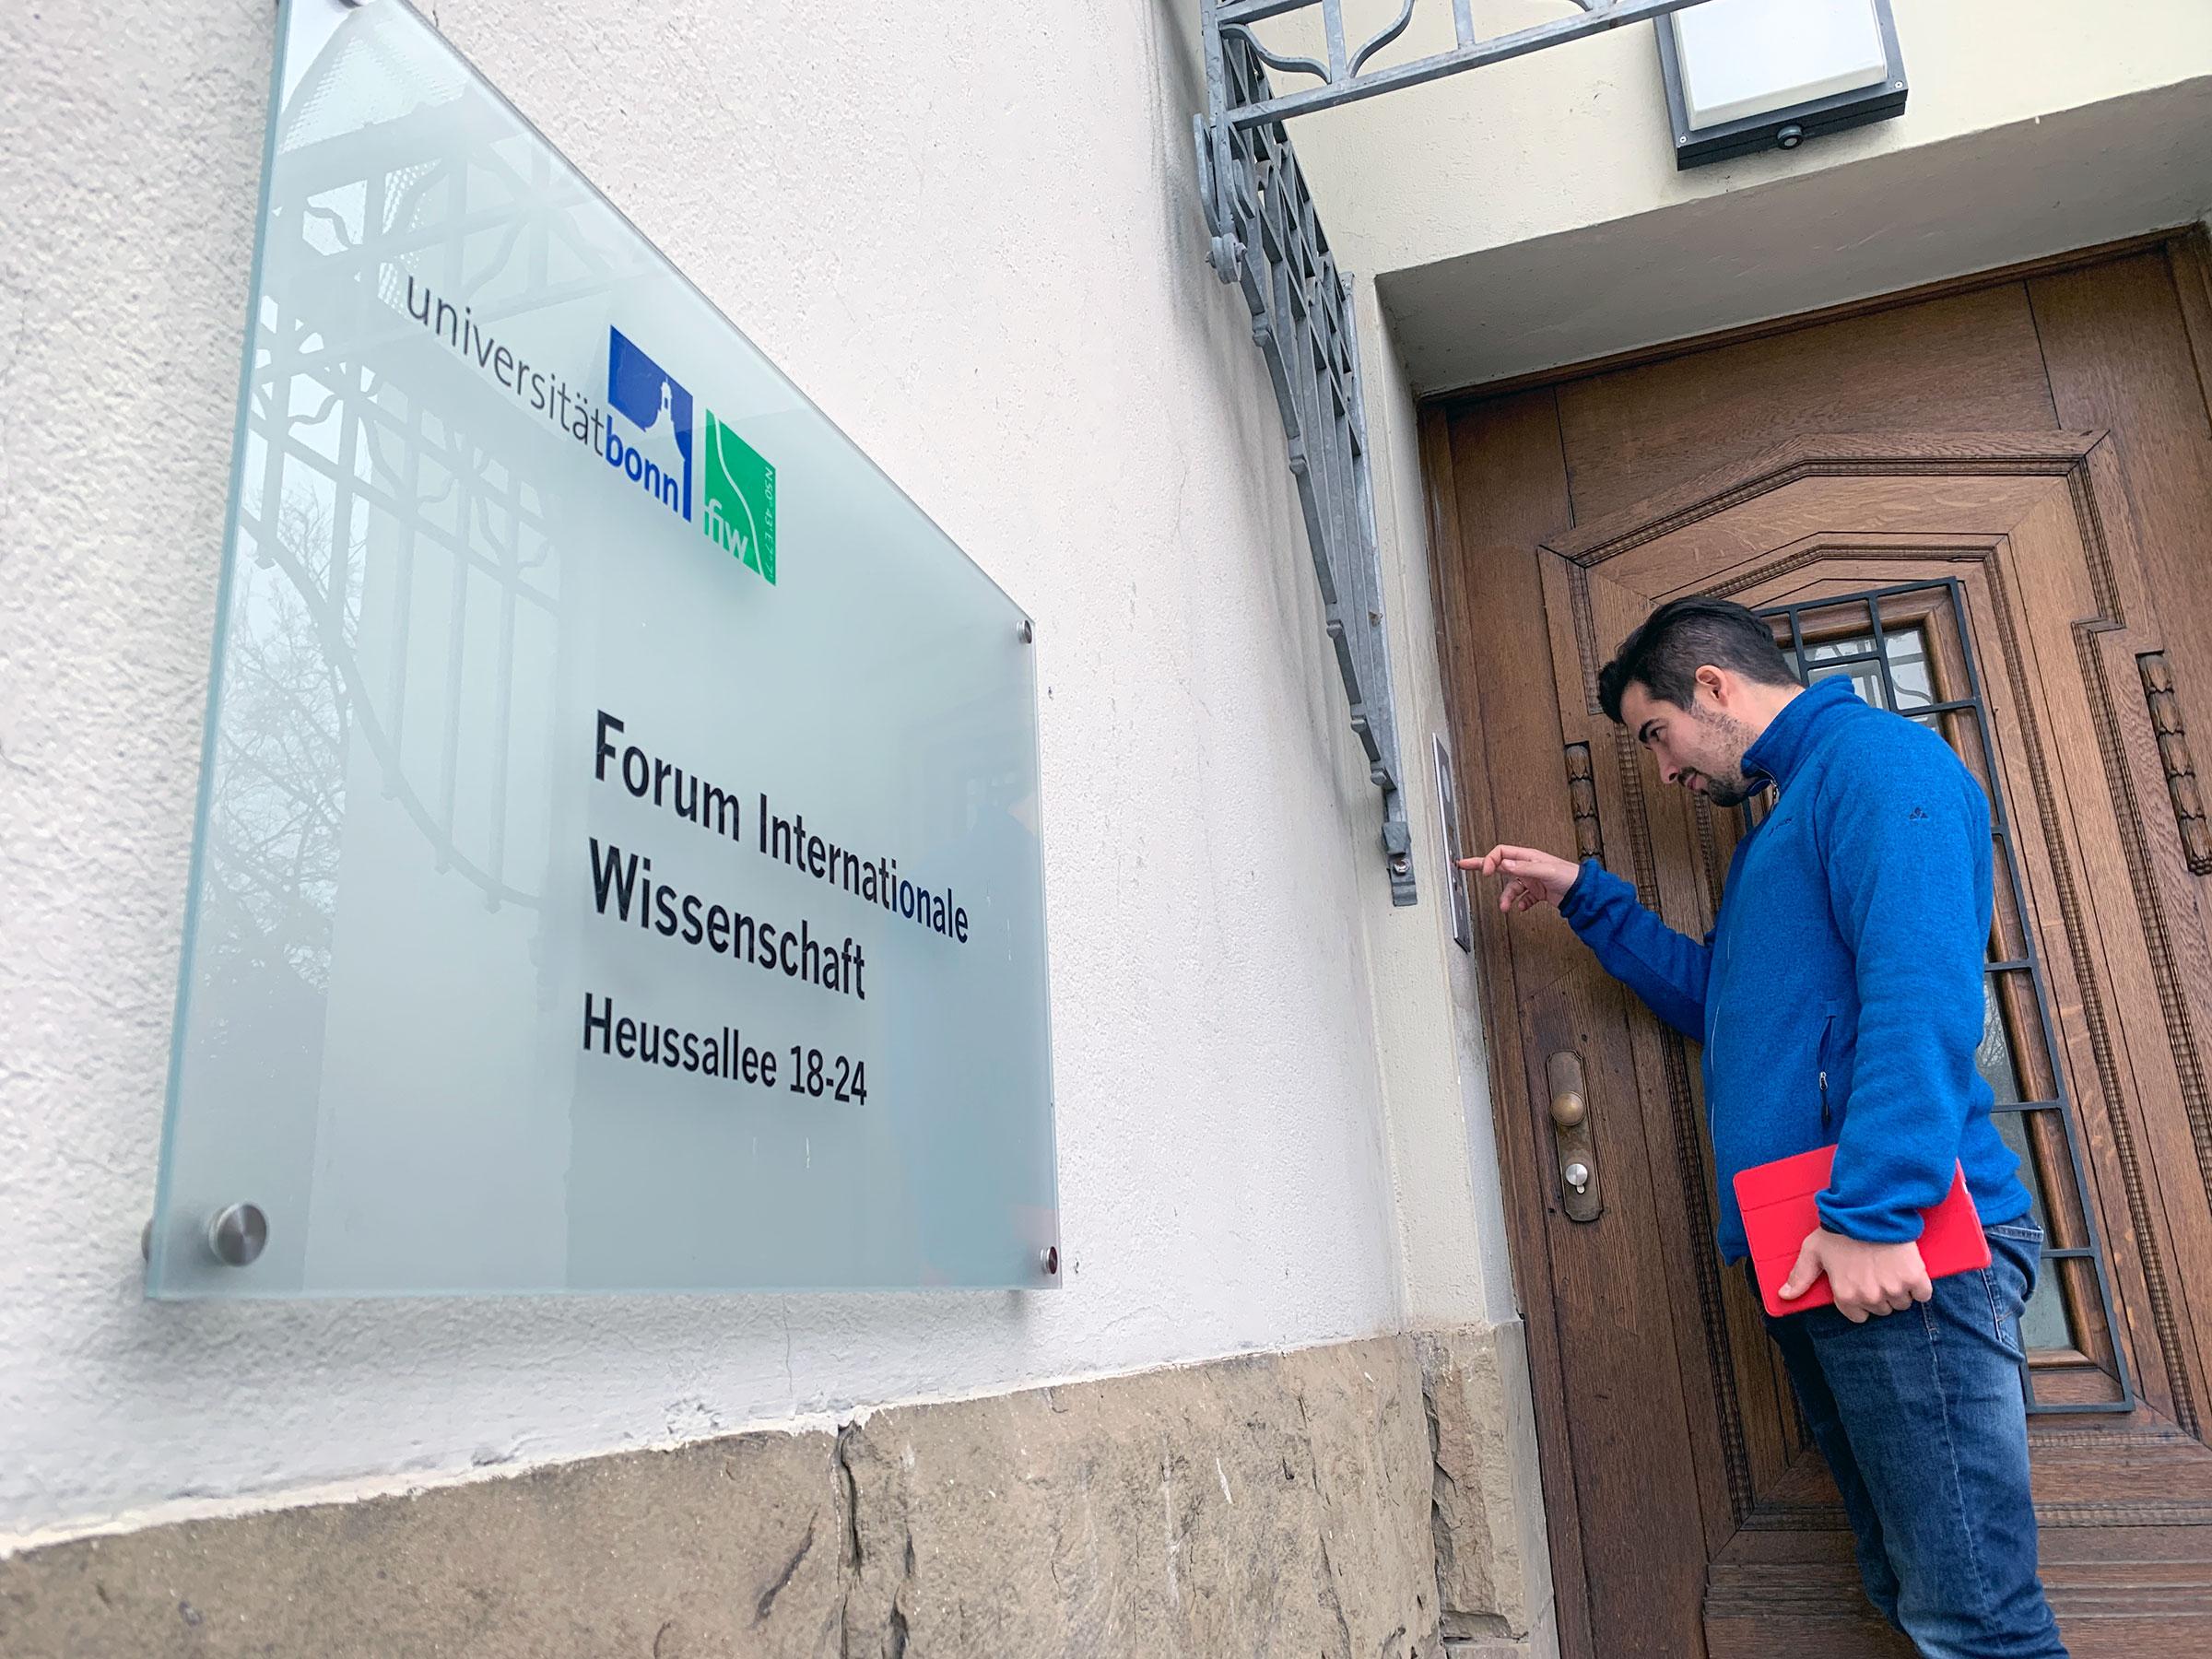 Sascha klingelt an der Tür vom Forum Internationale Wissenschaft